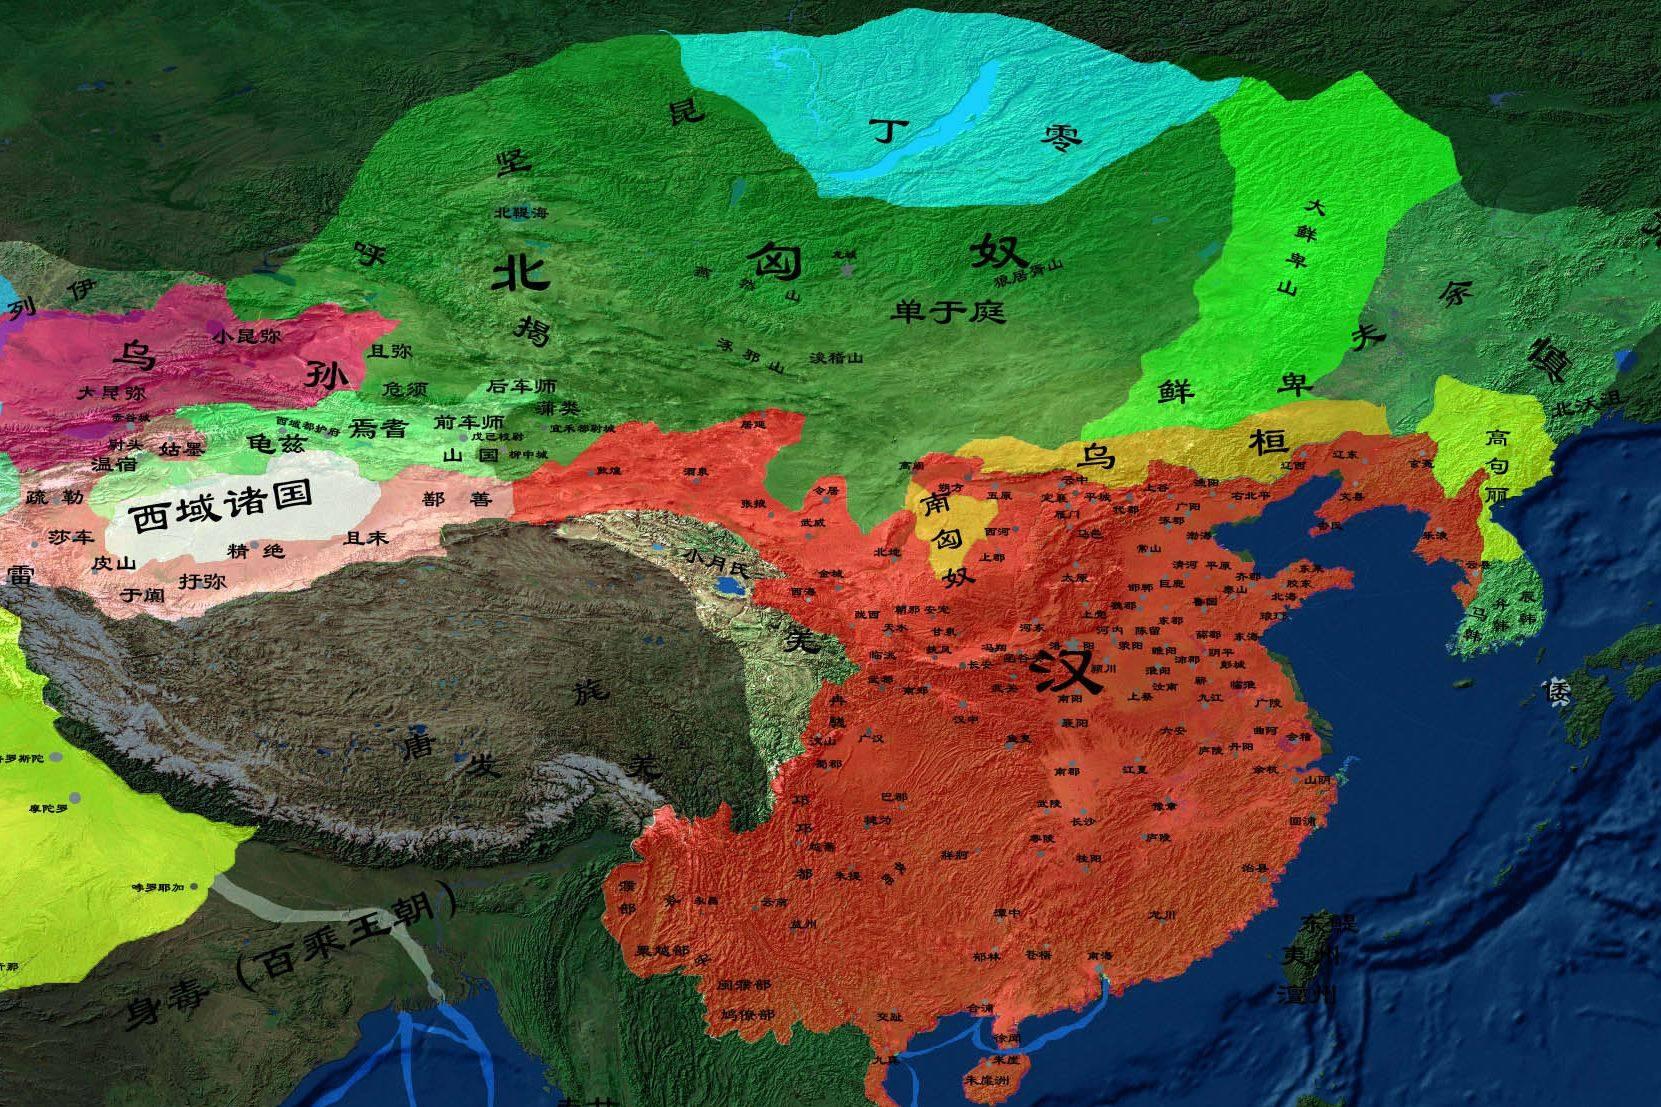 外蒙古石崖上发现中国古代汉字,历史学家解读后深有感触